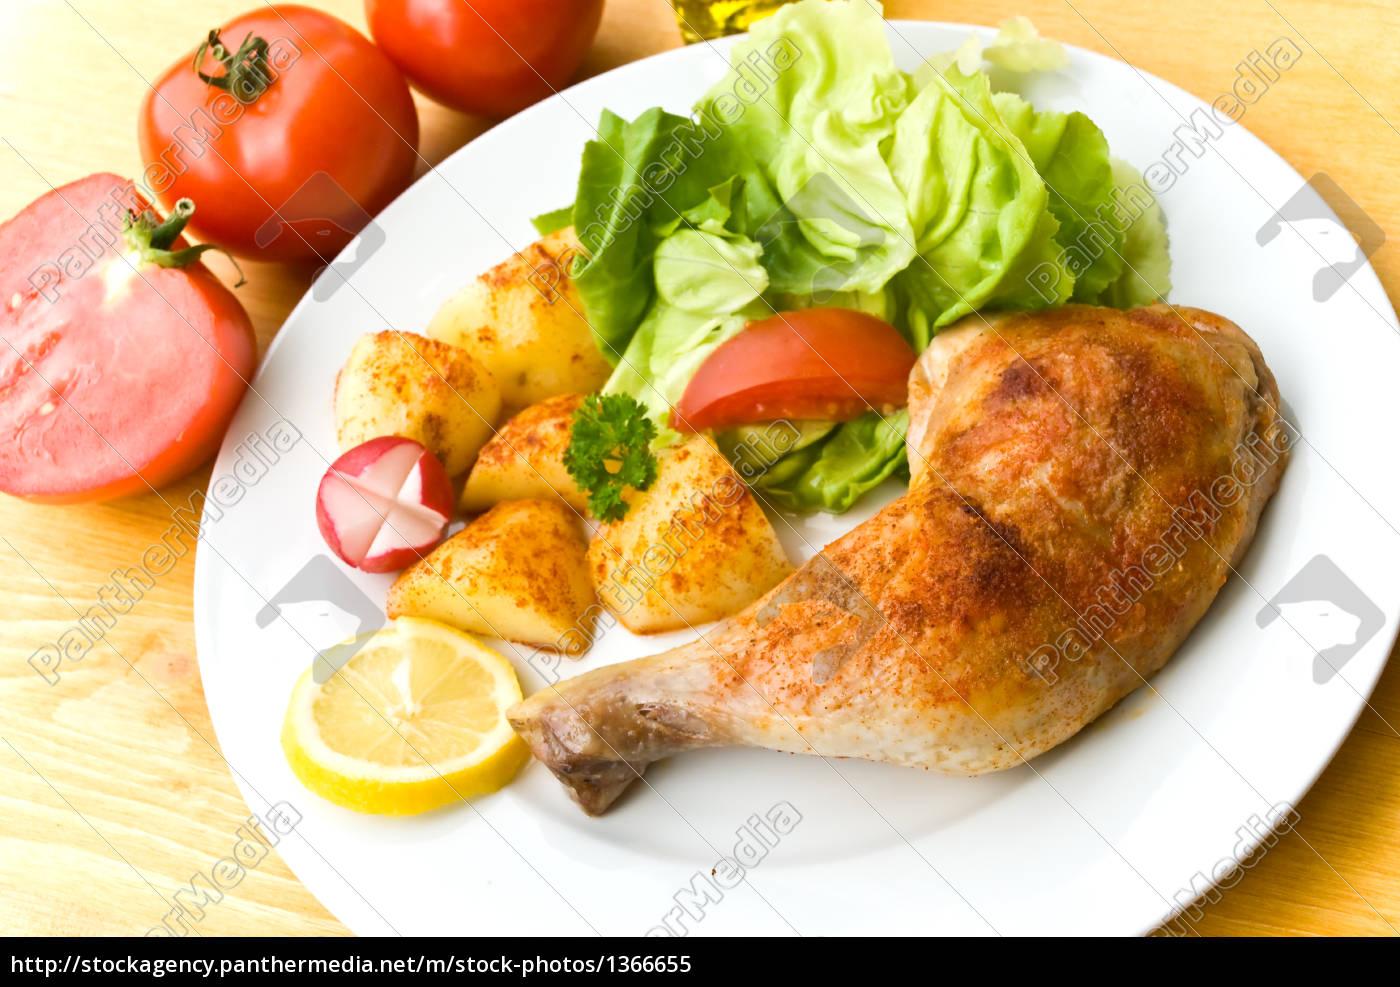 chicken, leg, fried, with, brat - 1366655